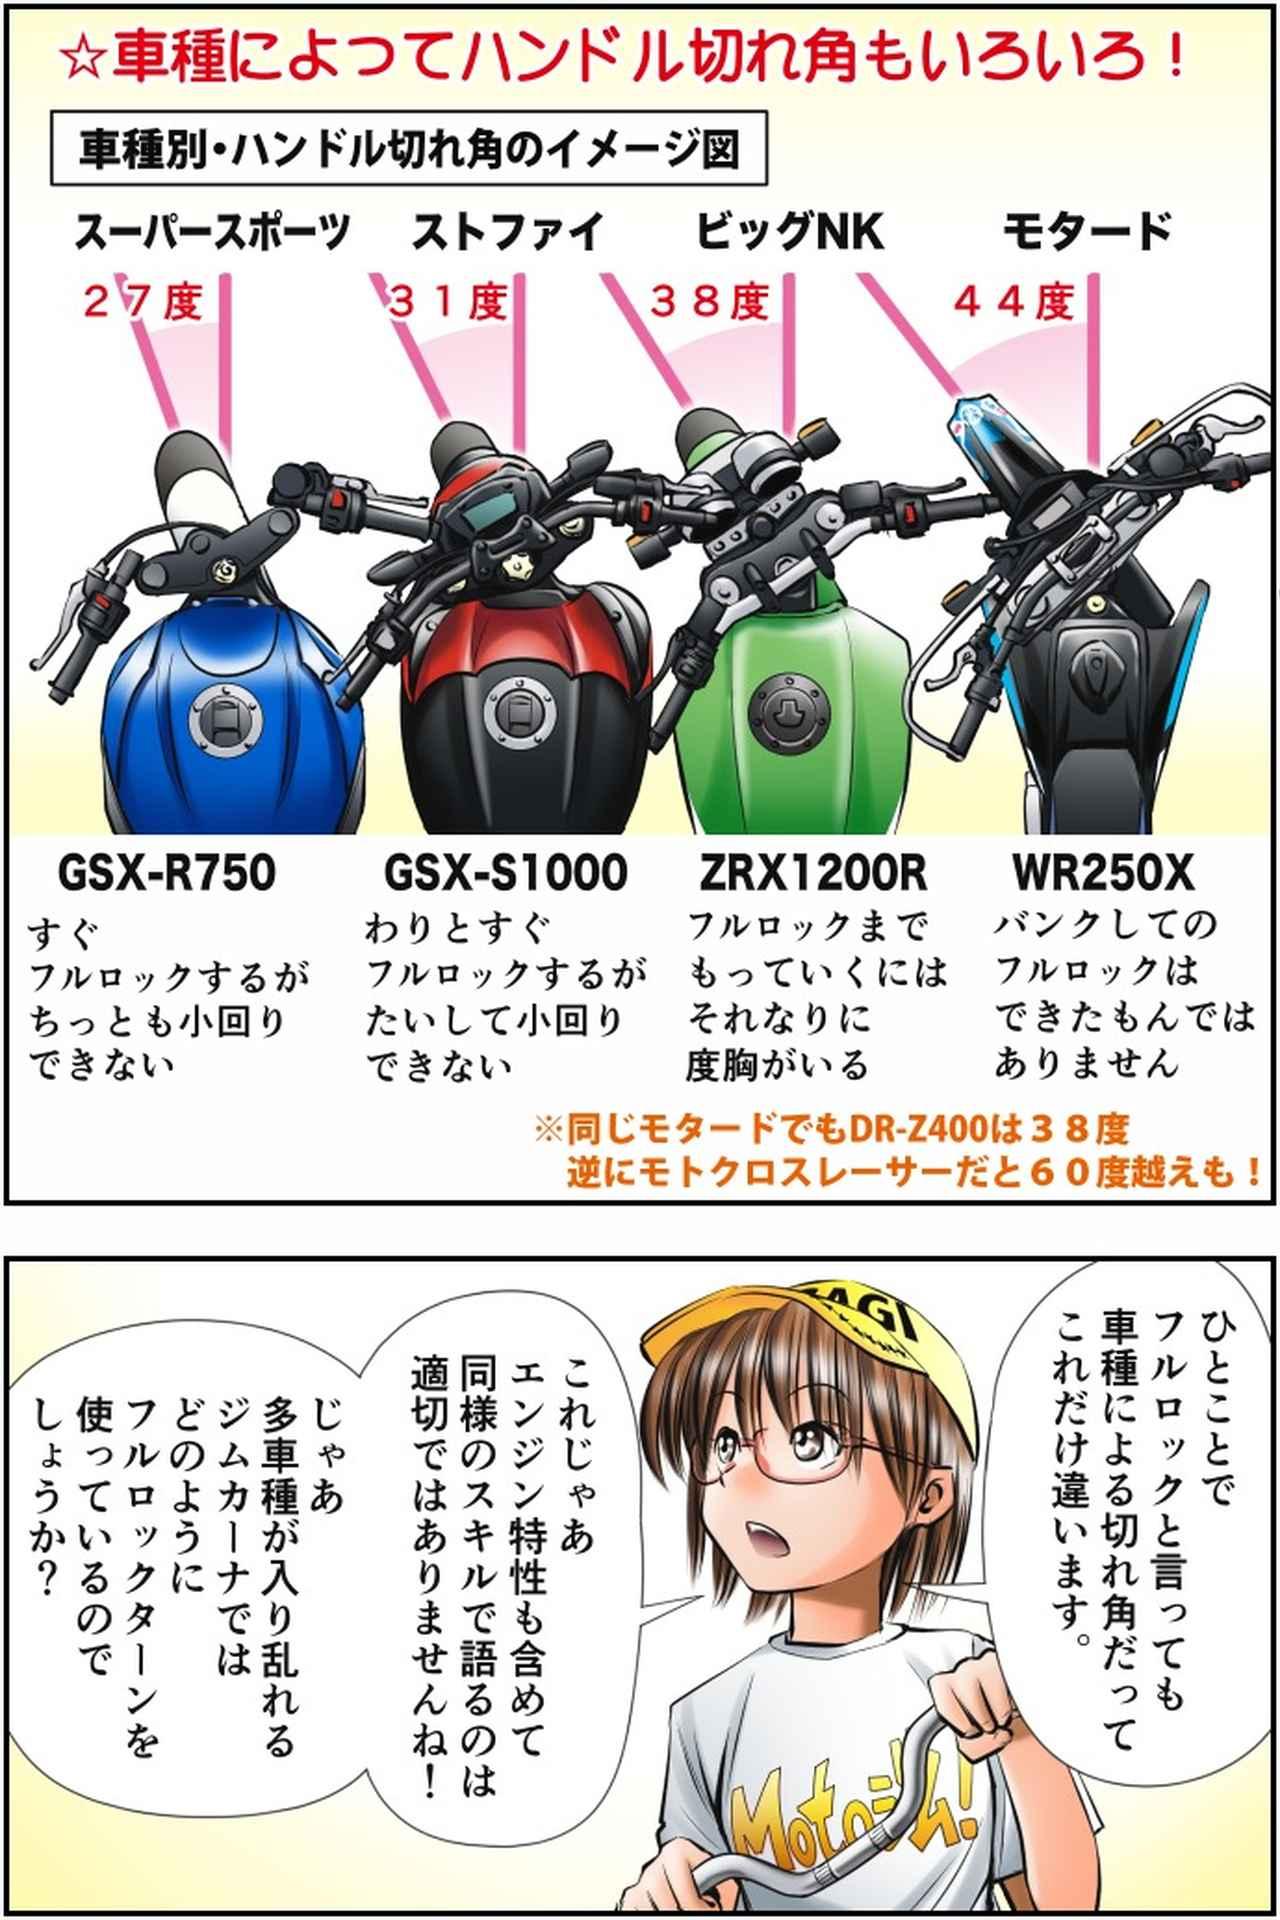 画像3: Motoジム! おまけのコーナー (車種によるフルロックターンのあれこれ)  作・ばどみゅーみん